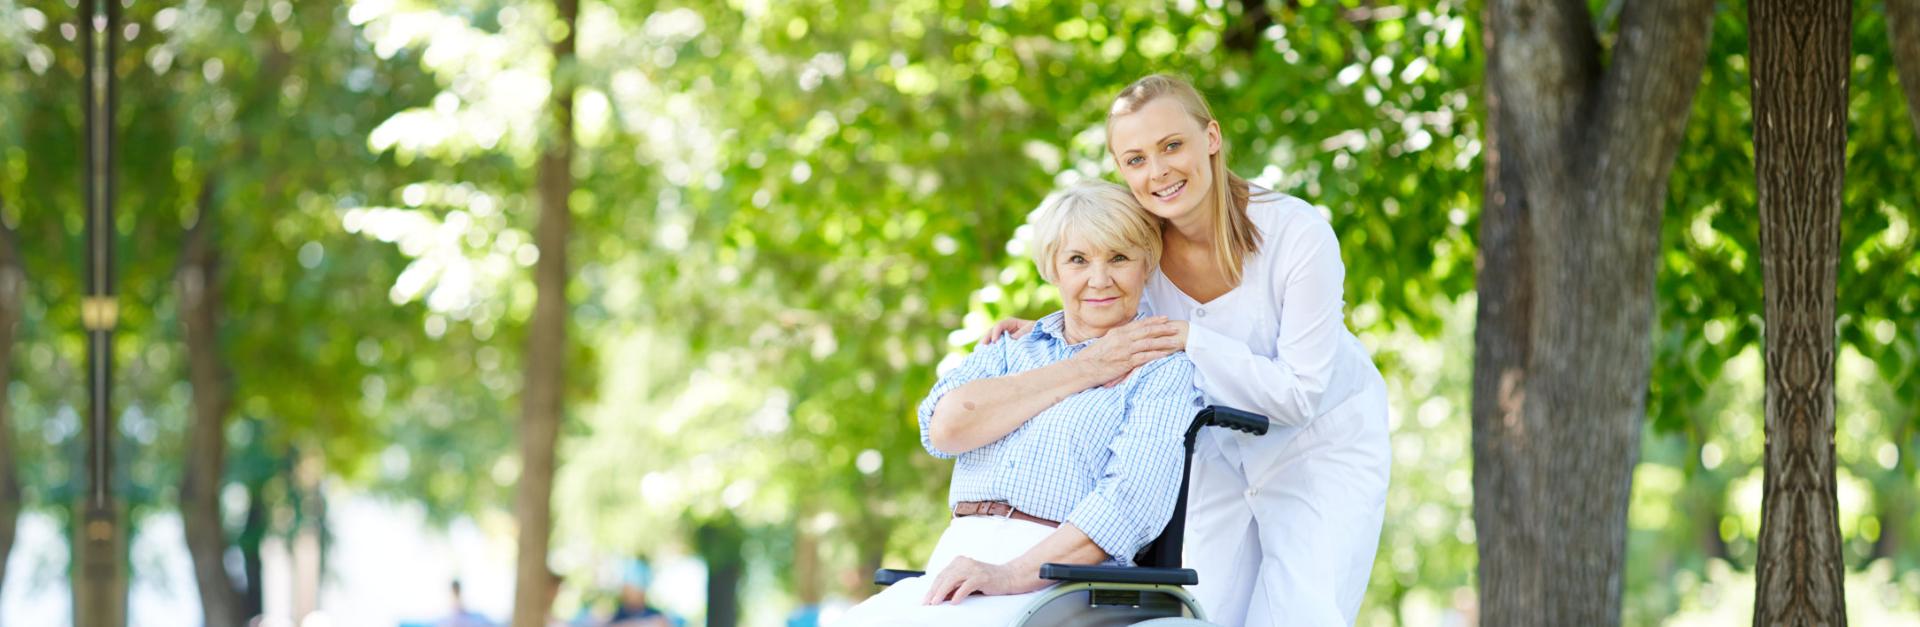 Caregiver and elder